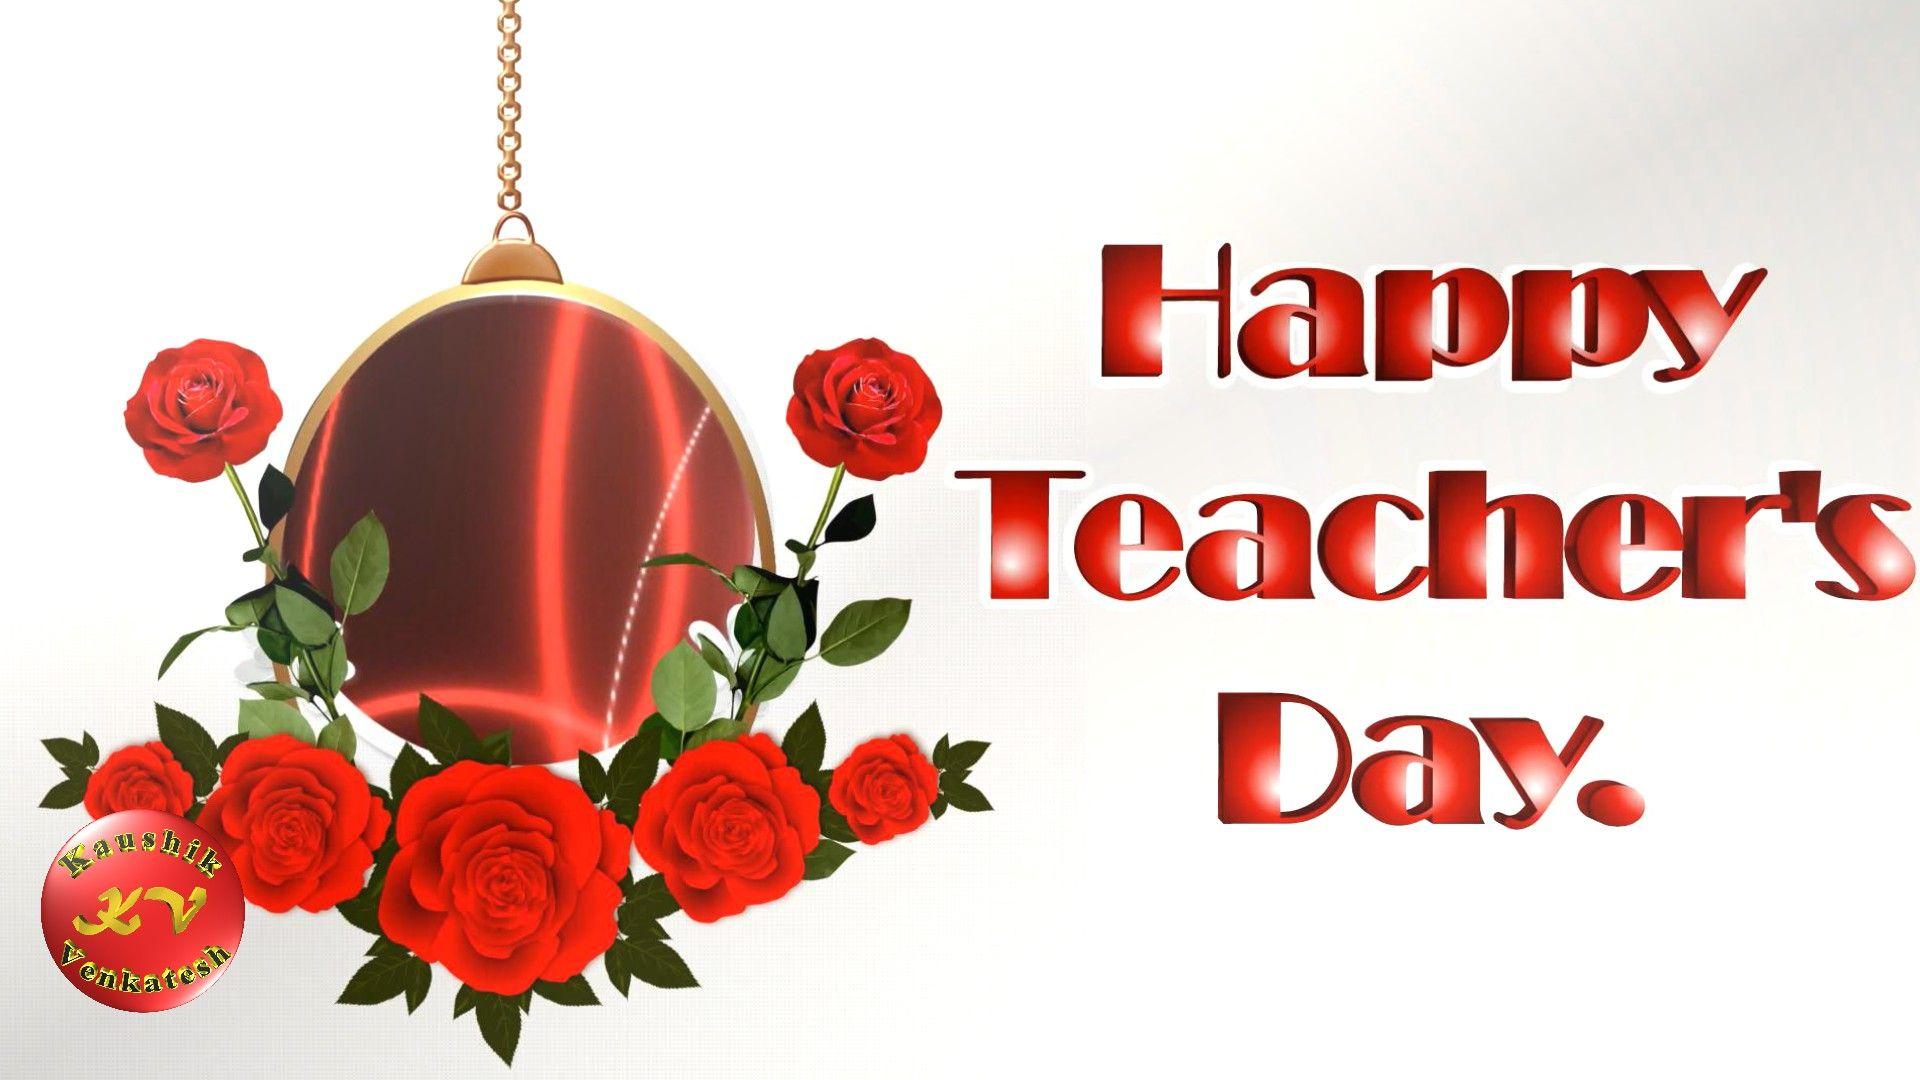 Latest Teachers Day Wishes Happy Teachers Day 2020 In 2020 Teachers Day Wishes Happy Teachers Day Day Wishes